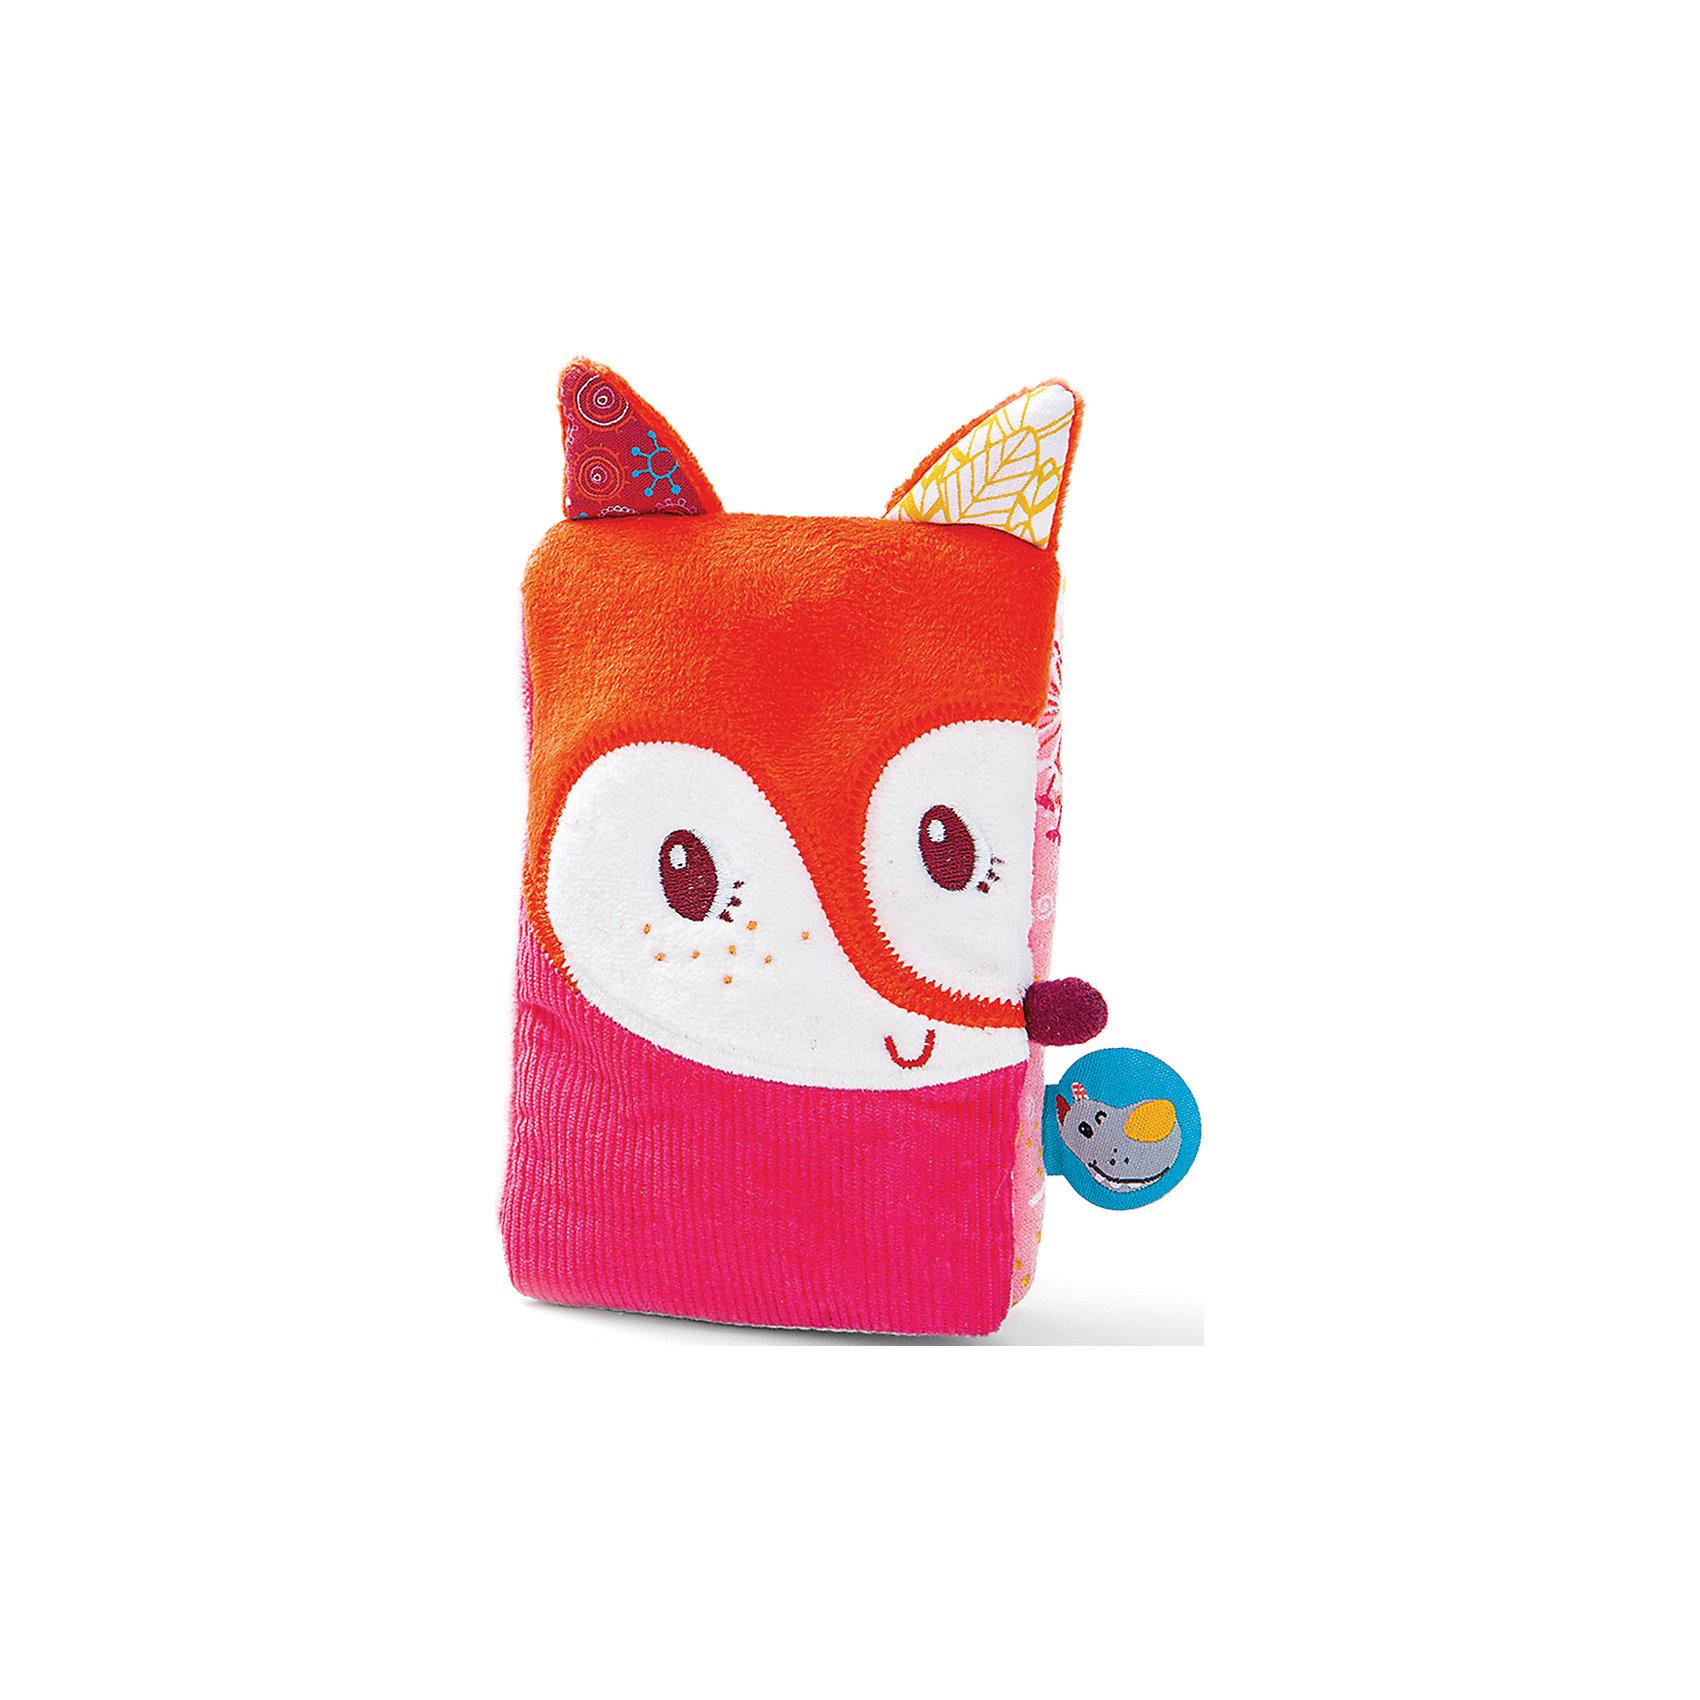 Liliputiens Смартфон Лиса Алиса: мягкая интерактивная игрушка, Lilliputiens игрушка смартфон